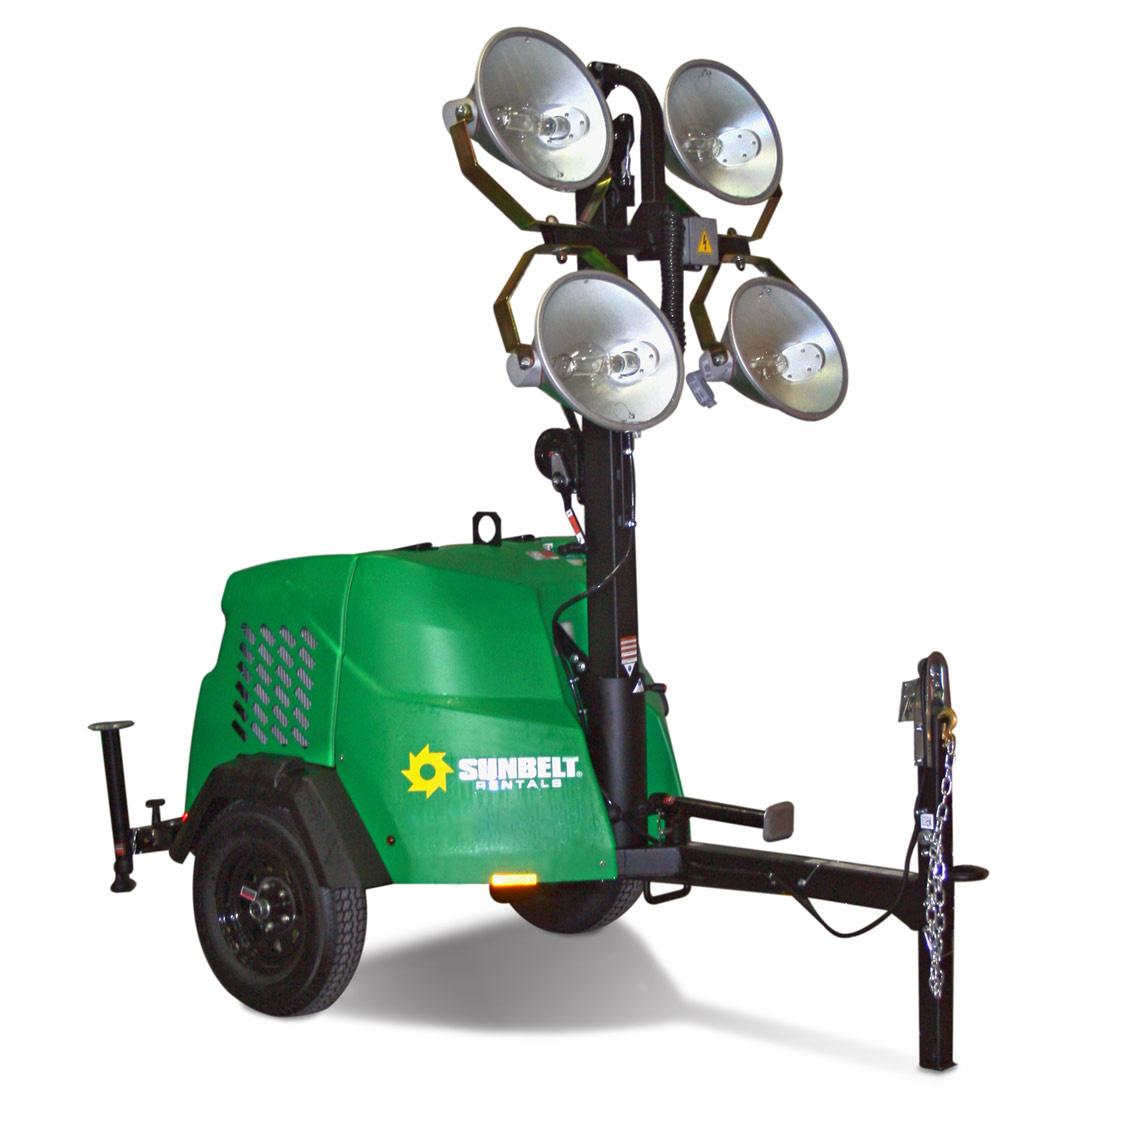 Genie-RL4-LightTower-silo-sbrg.jpg